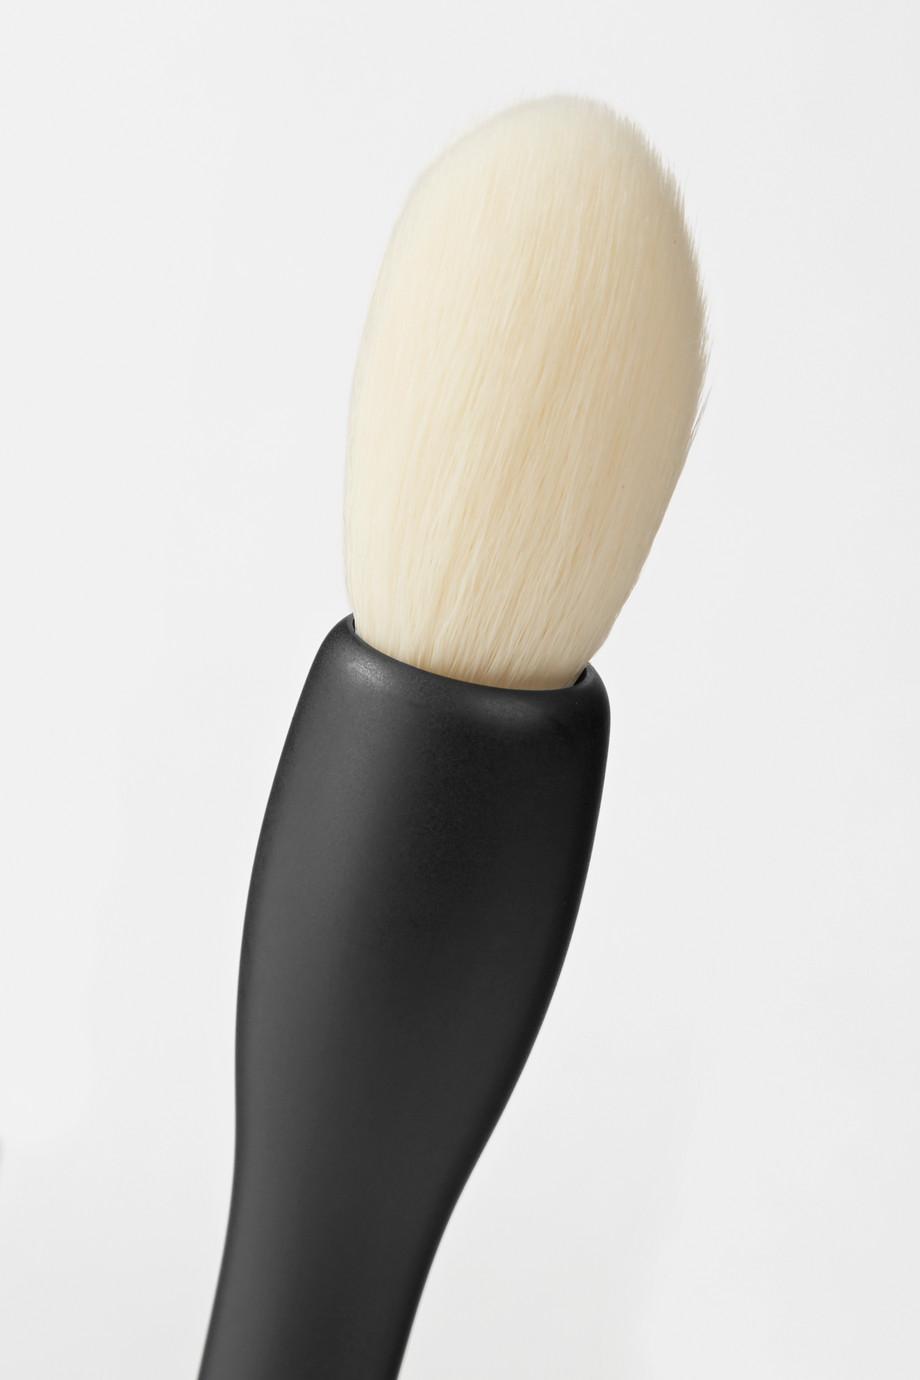 Rae Morris Jishaku 2 Vegan Mini Kabuki Brush